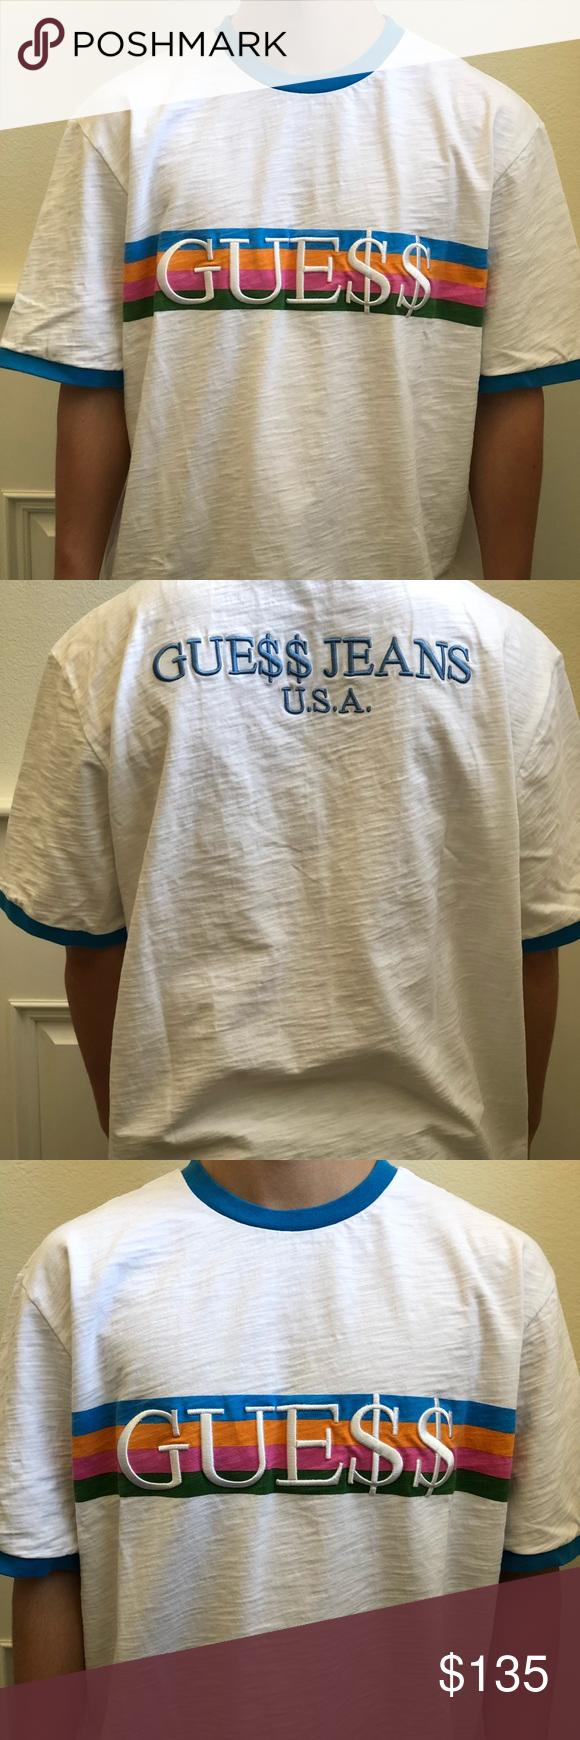 d65fe3336854 GUESS x ASAP Rocky Blue Ringer Tee Shirt XL GUE$$ x A$AP Rocky Blue Ringer  Tee Shirt Used 9/10. Ships fast Size: XL Guess Shirts Tees - Short Sleeve